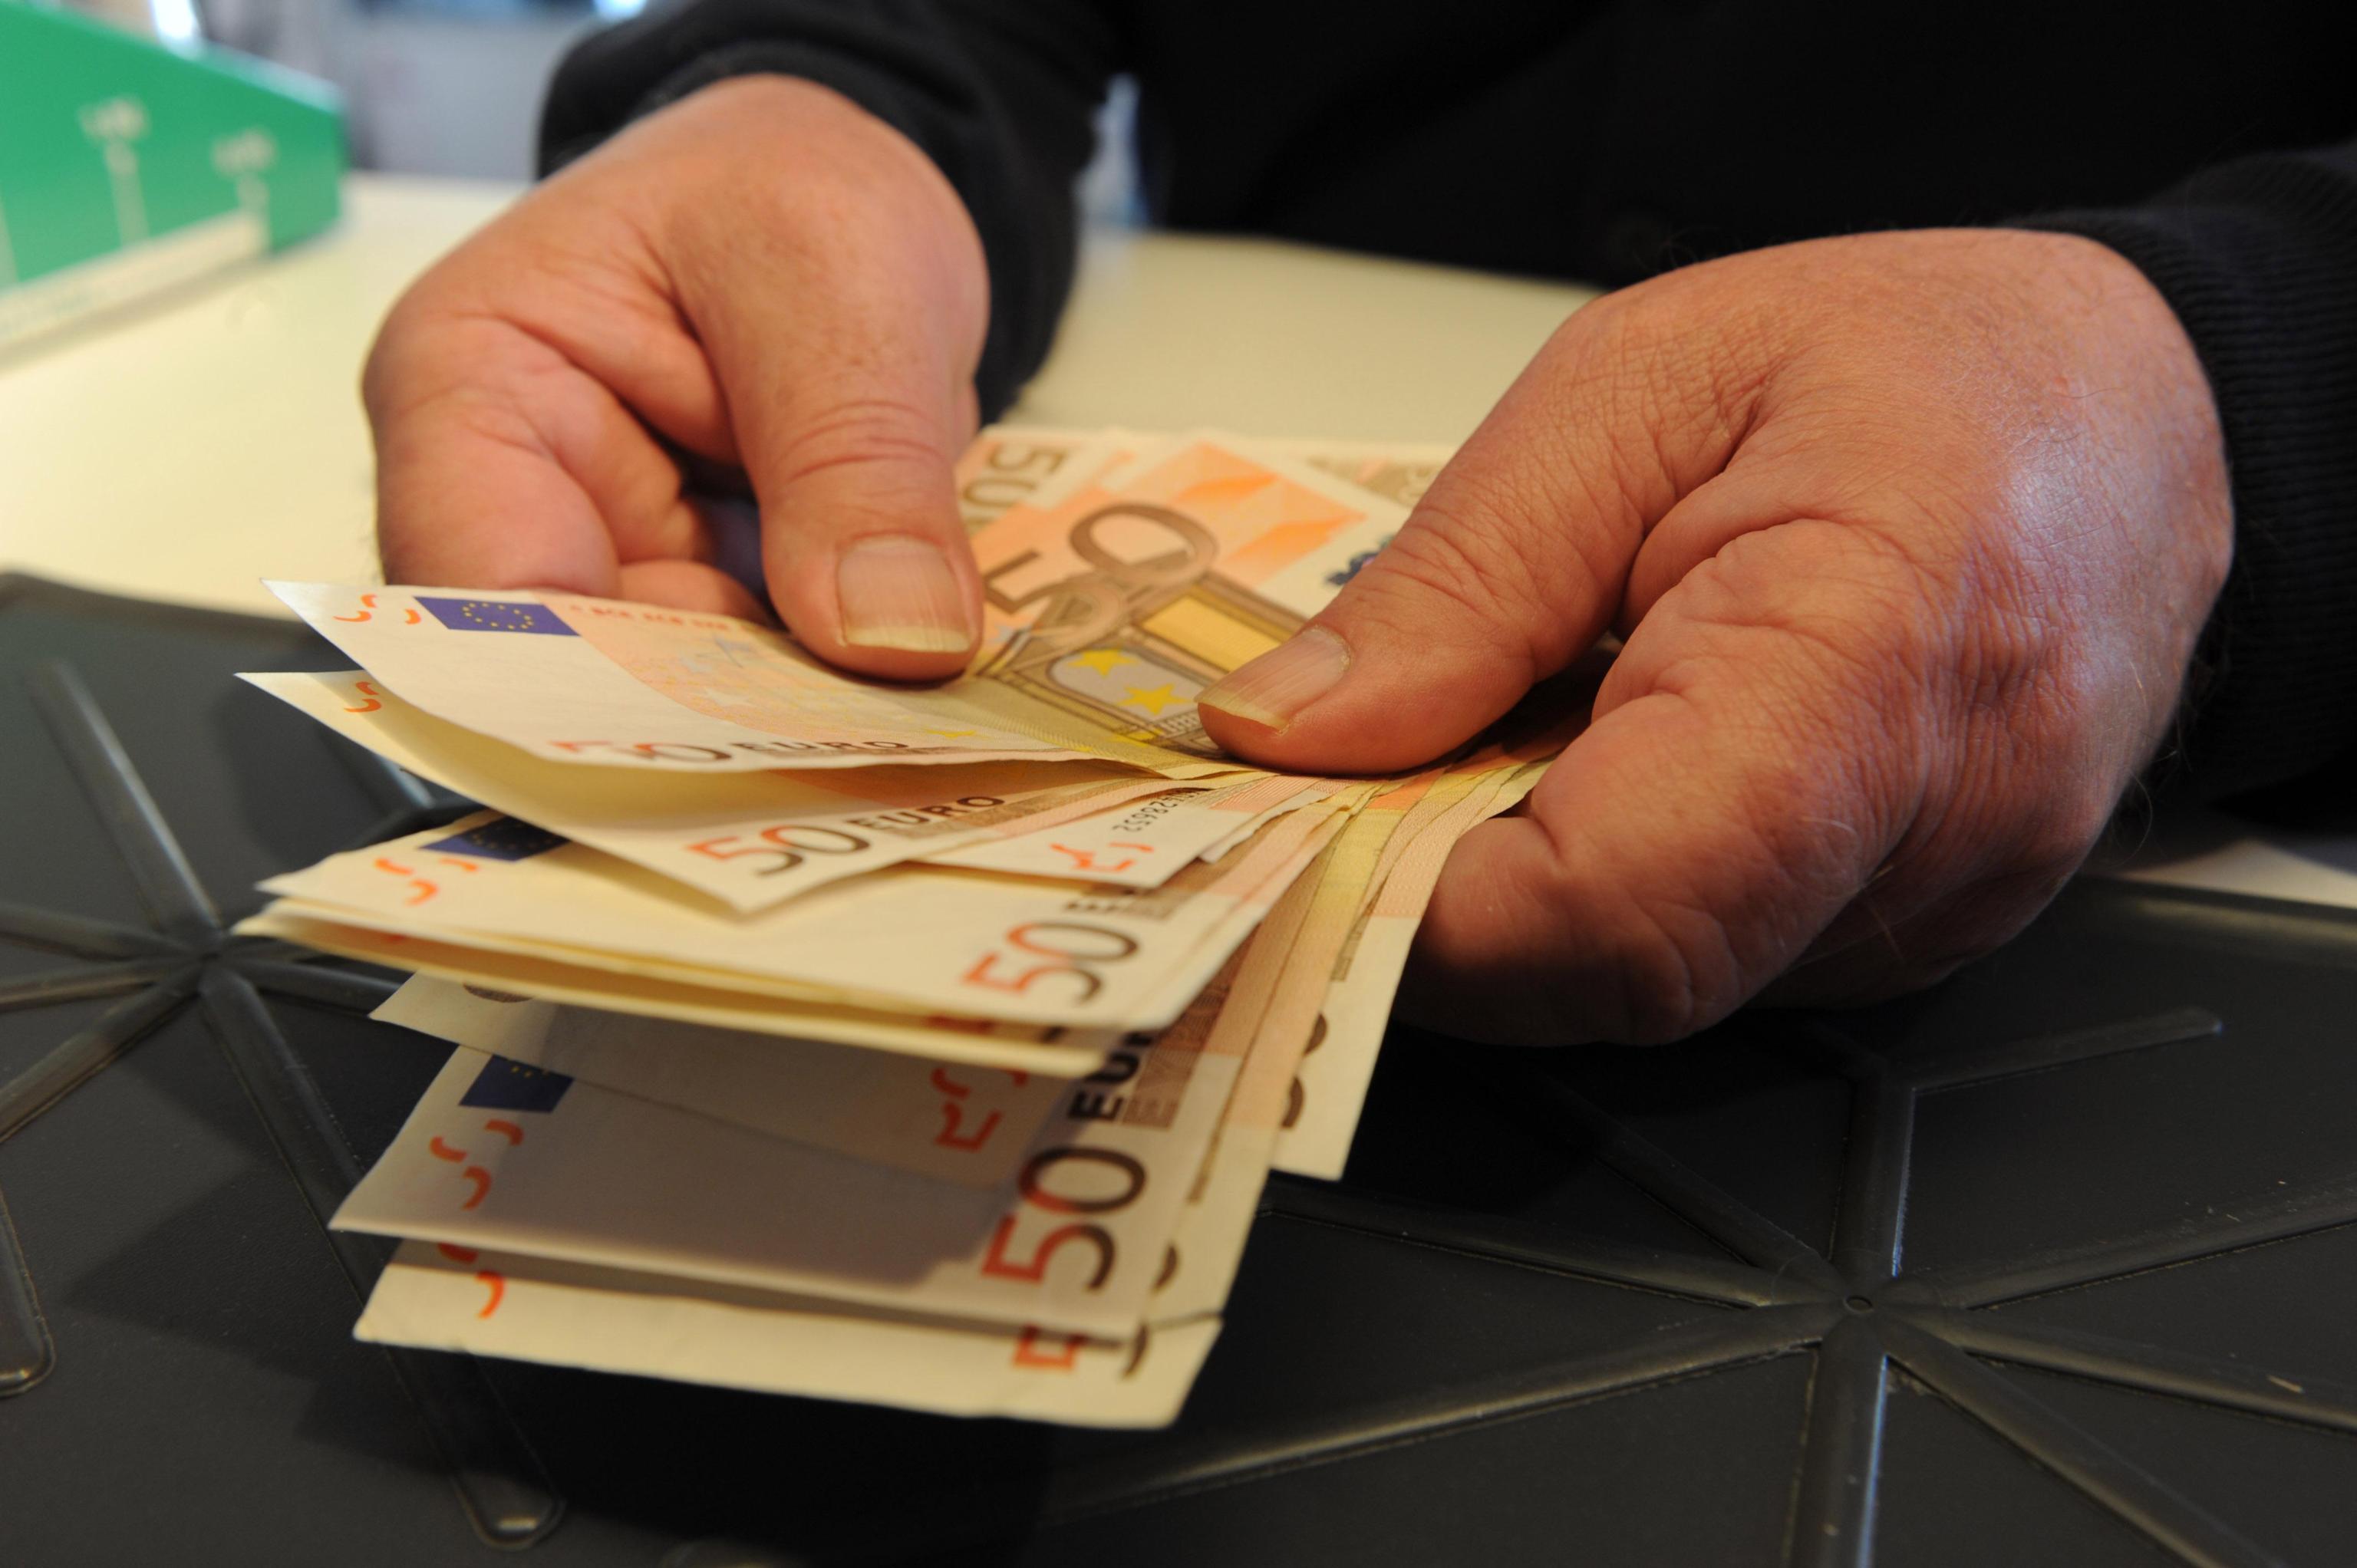 Estorsione su soldi dell'eredità: 2 arresti a Reggio Calabria